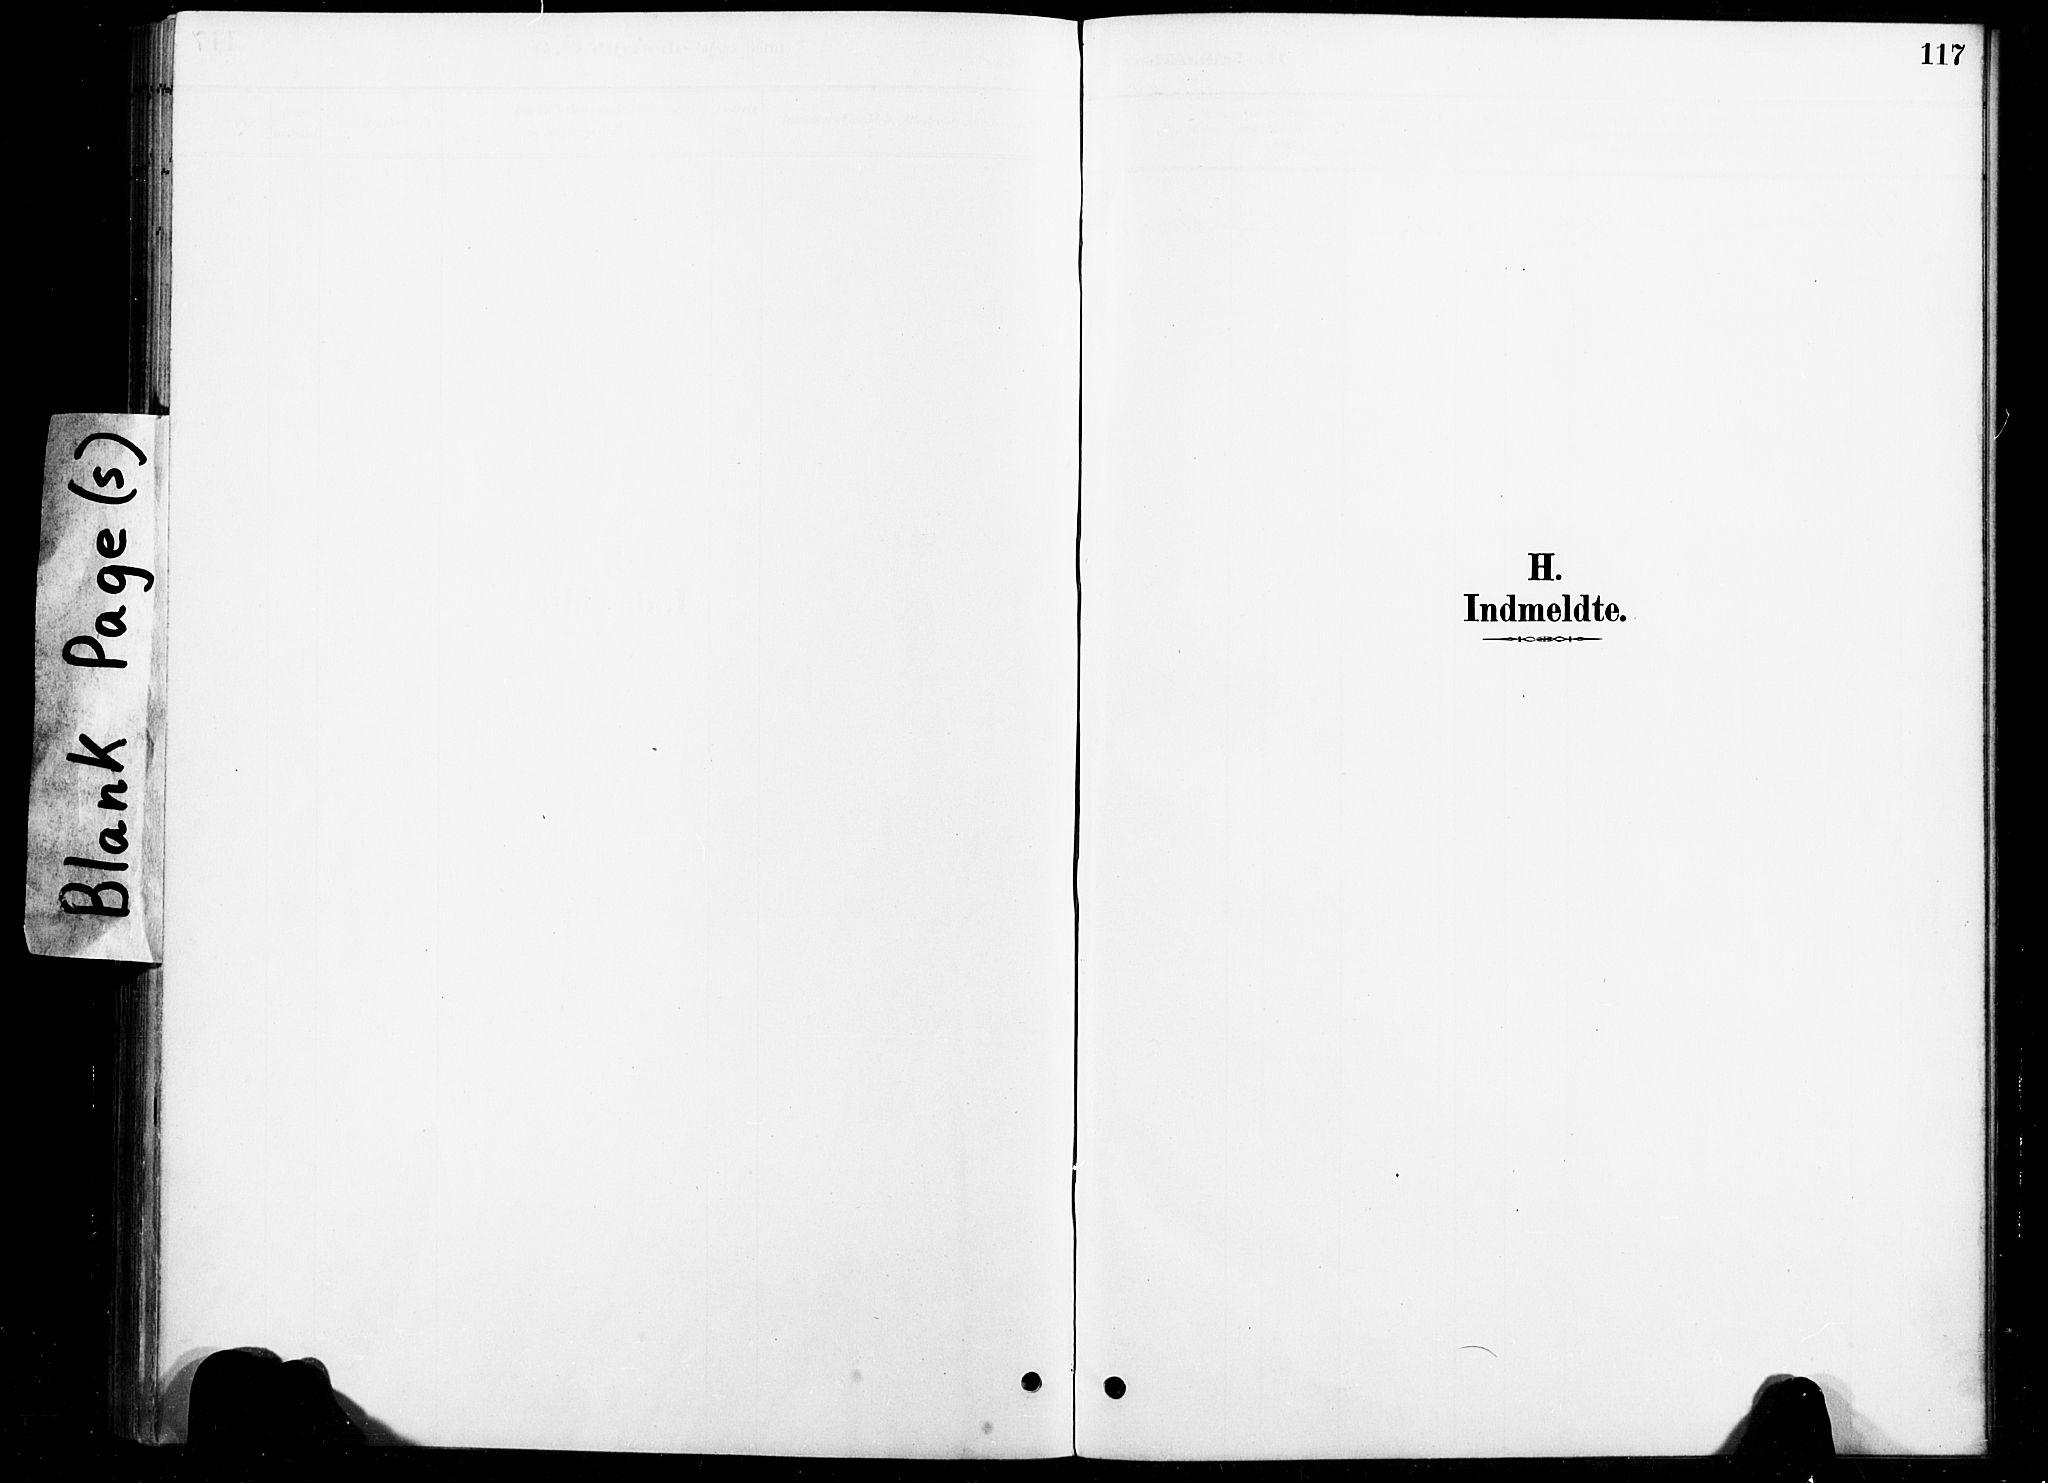 SAT, Ministerialprotokoller, klokkerbøker og fødselsregistre - Nord-Trøndelag, 738/L0364: Ministerialbok nr. 738A01, 1884-1902, s. 117